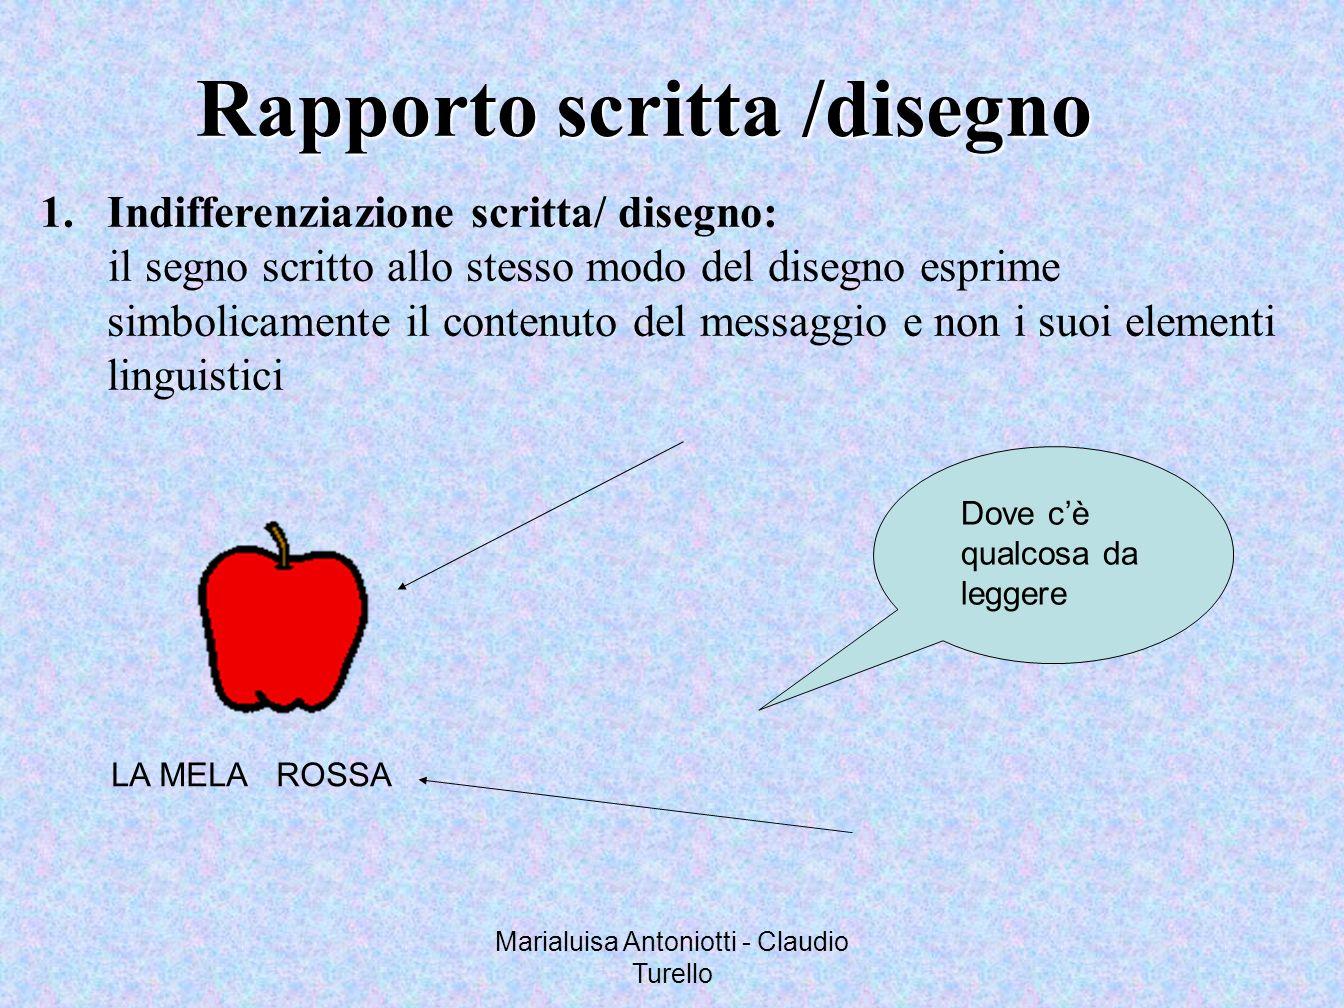 Marialuisa Antoniotti - Claudio Turello Rapporto scritta /disegno 1.Indifferenziazione scritta/ disegno: il segno scritto allo stesso modo del disegno